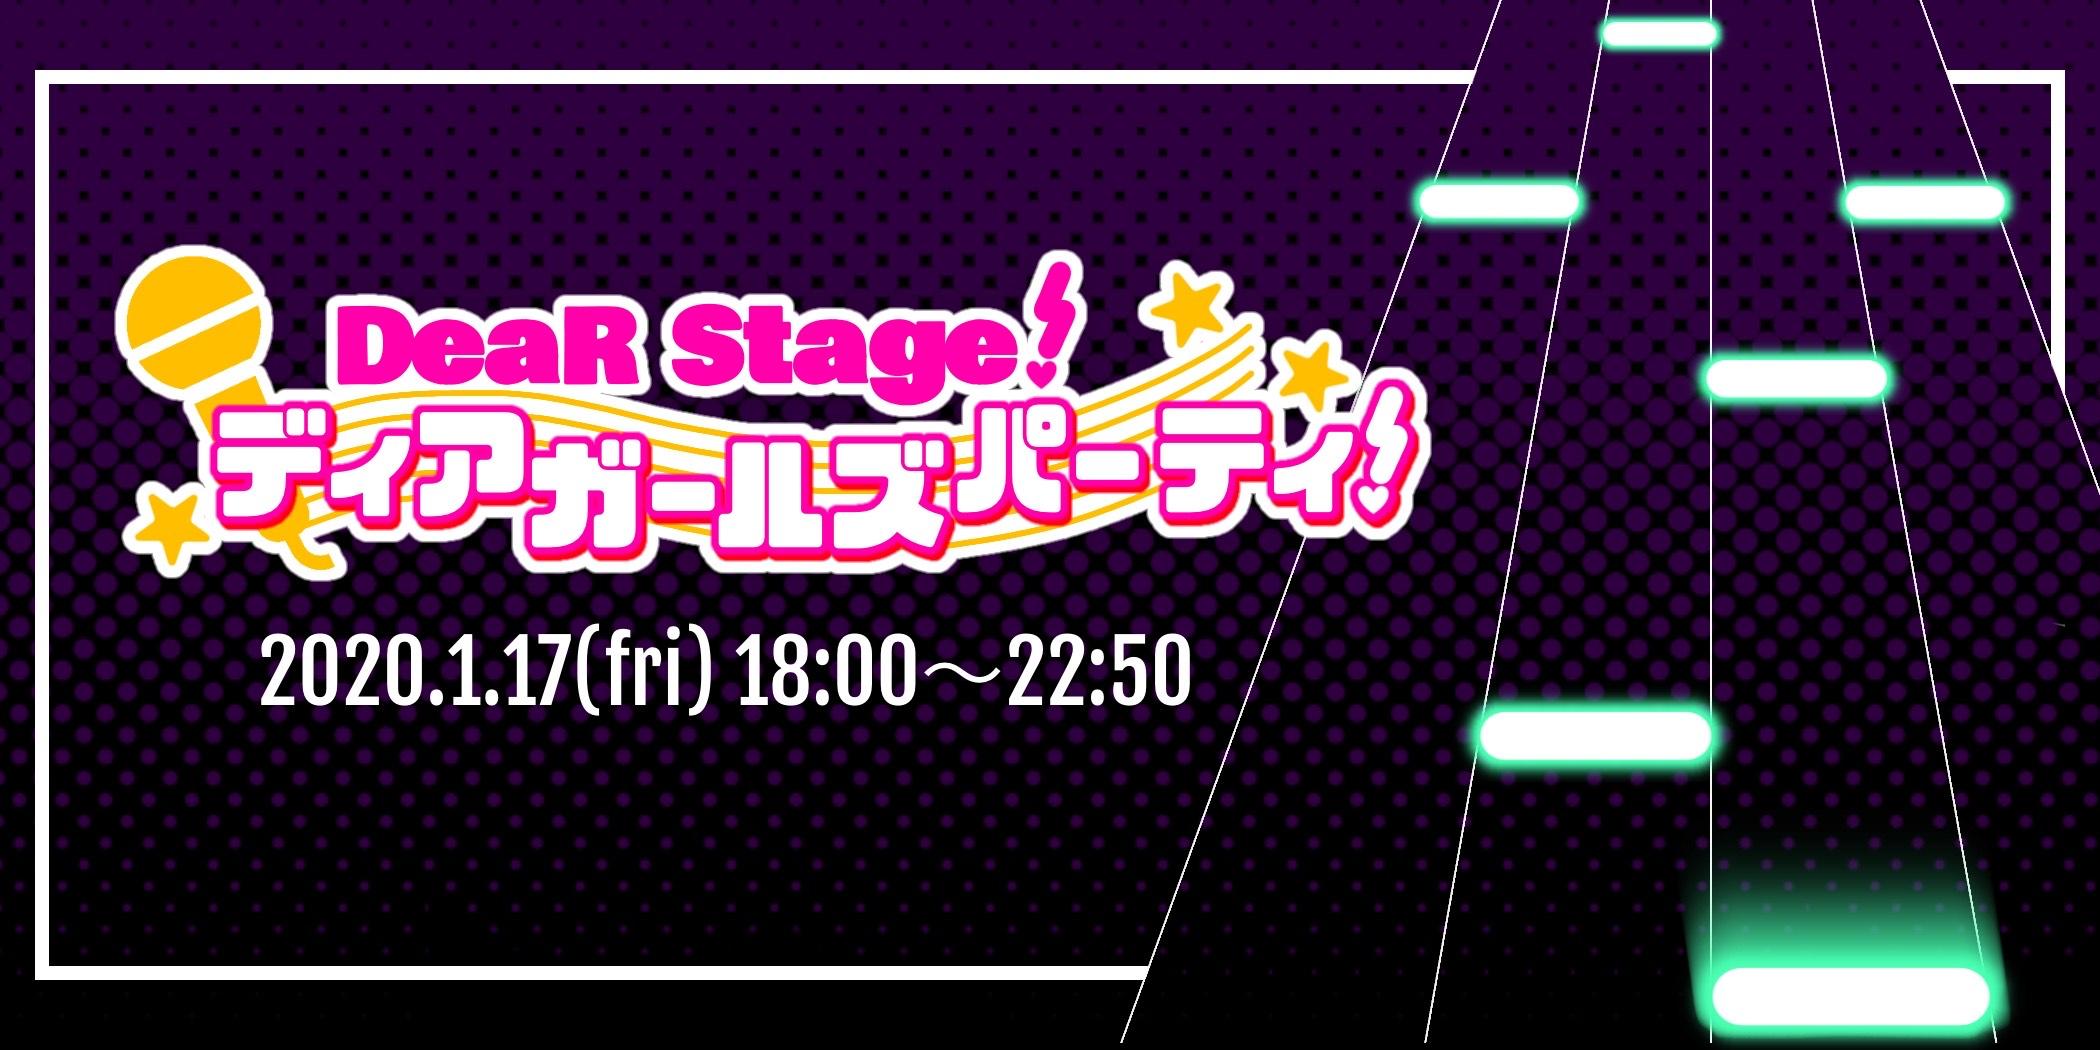 DeaR Stage! ディアガールズパーティ!